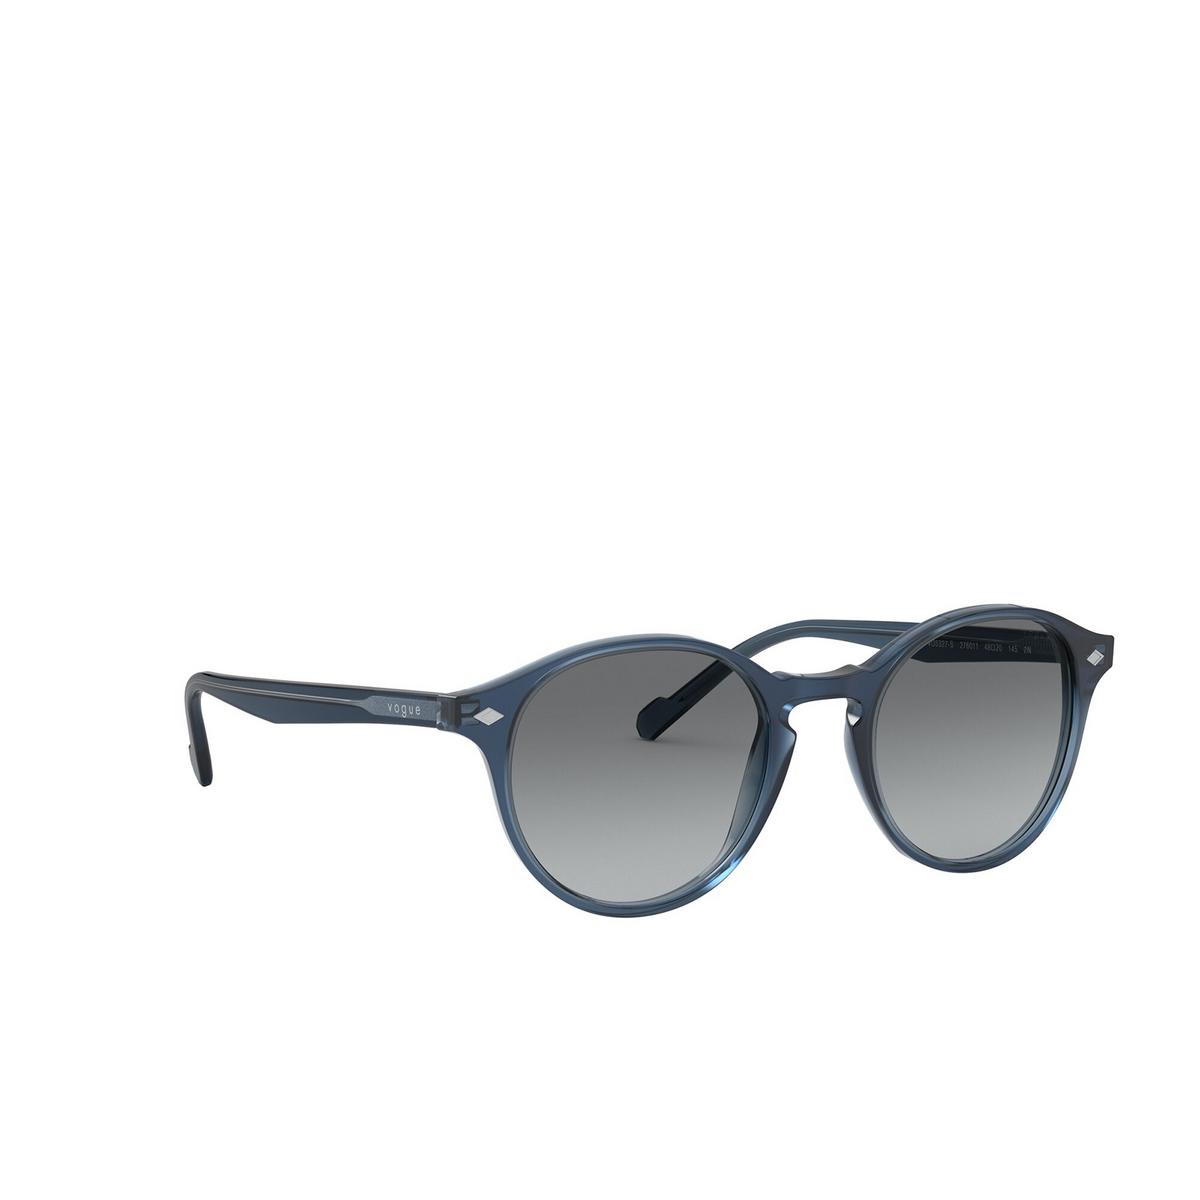 Vogue® Round Sunglasses: VO5327S color Transparent Blue 276011 - three-quarters view.